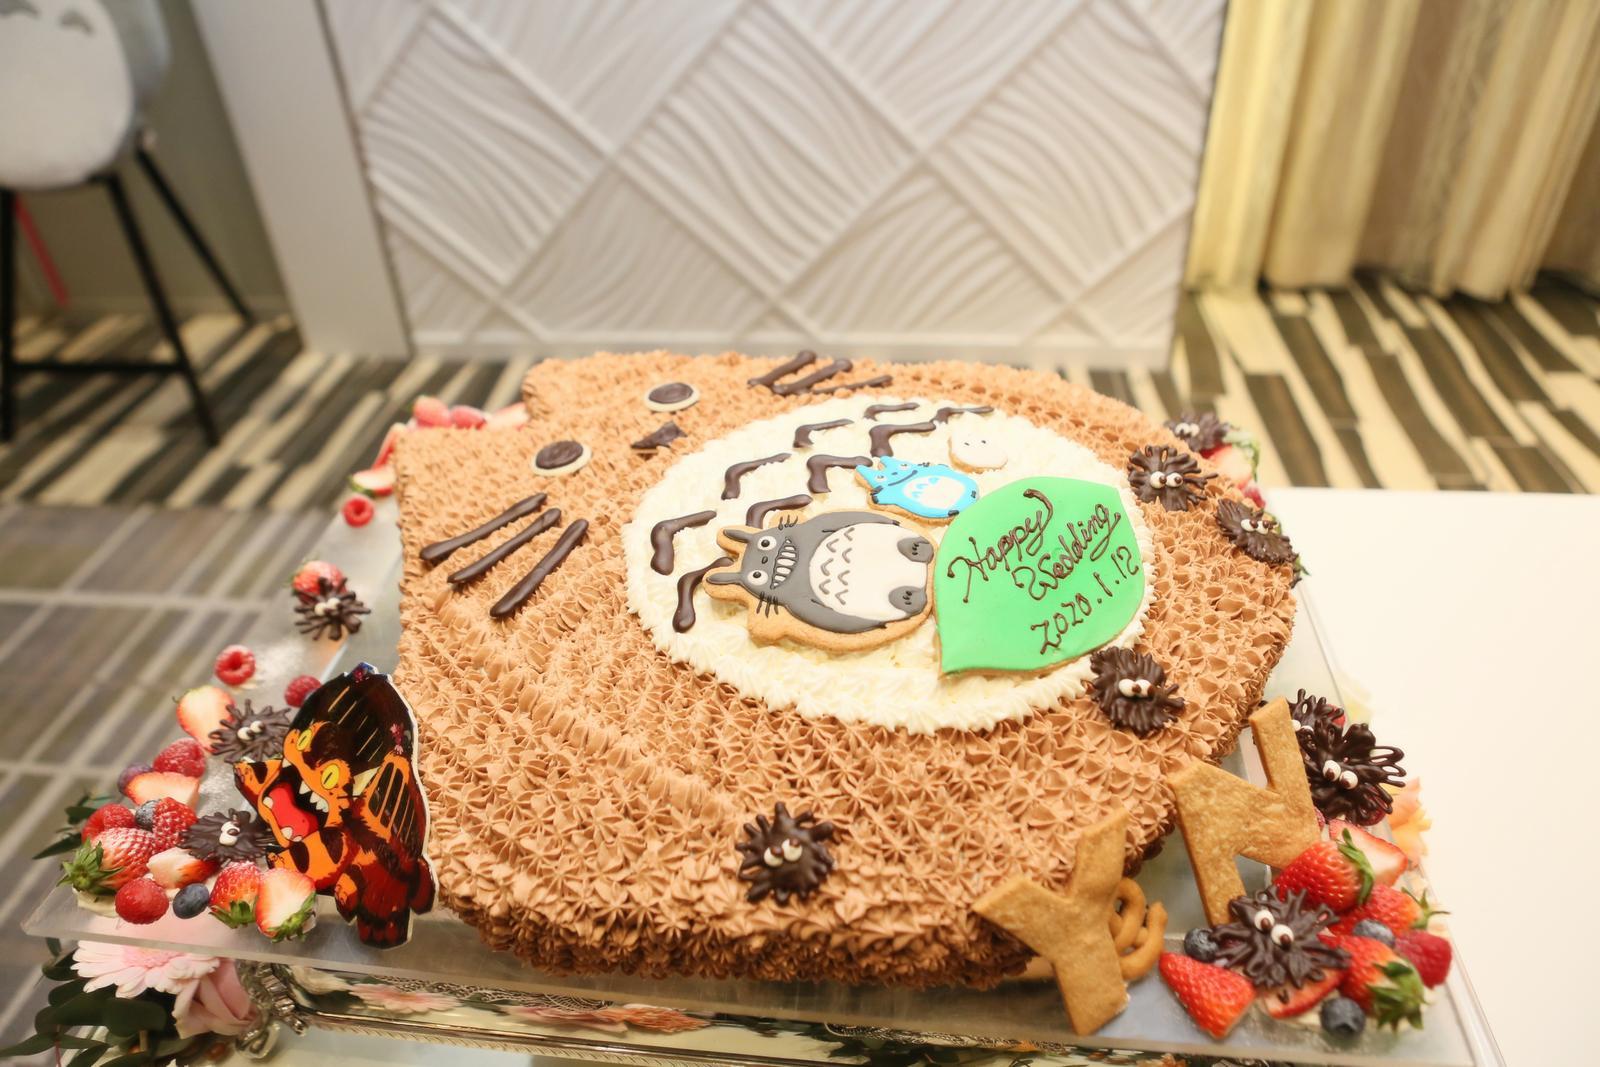 徳島県の結婚式場ブランアンジュで大好きなトトロをモチーフにしたウエディングケーキ